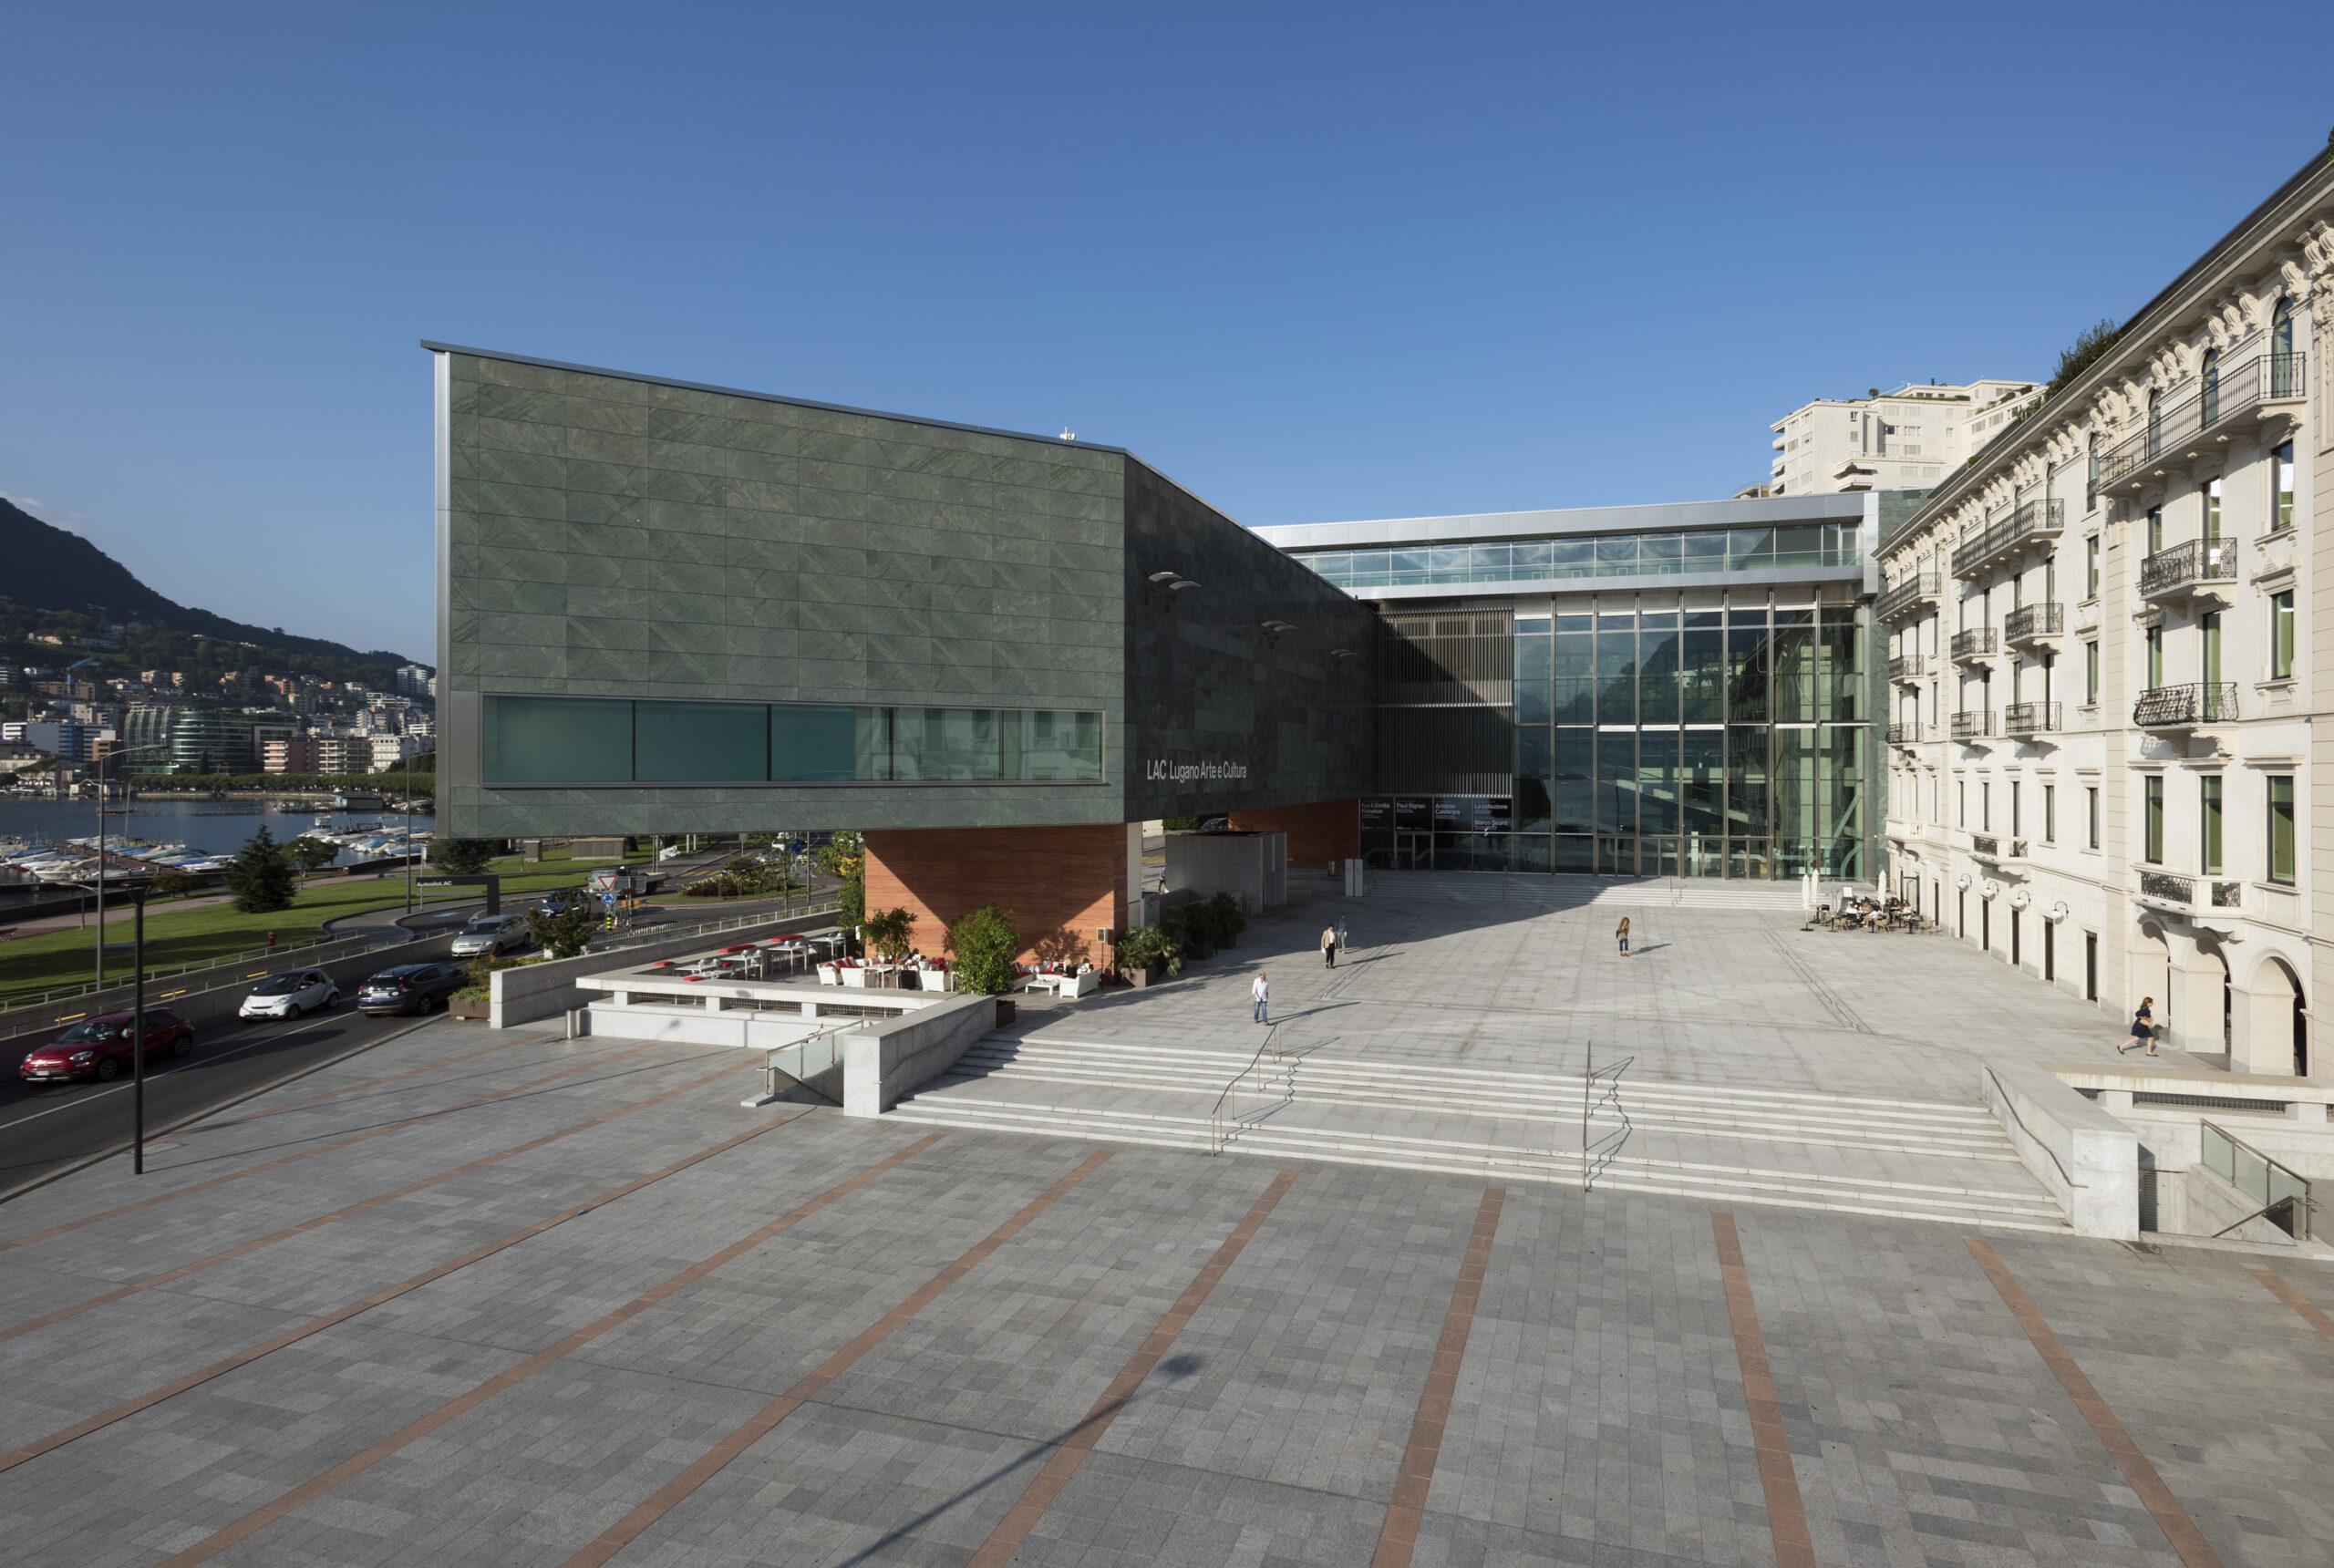 La nuova normalità dei musei. Intervista a Tobia Bezzola, MASI. Museo d'arte della Svizzera italiana